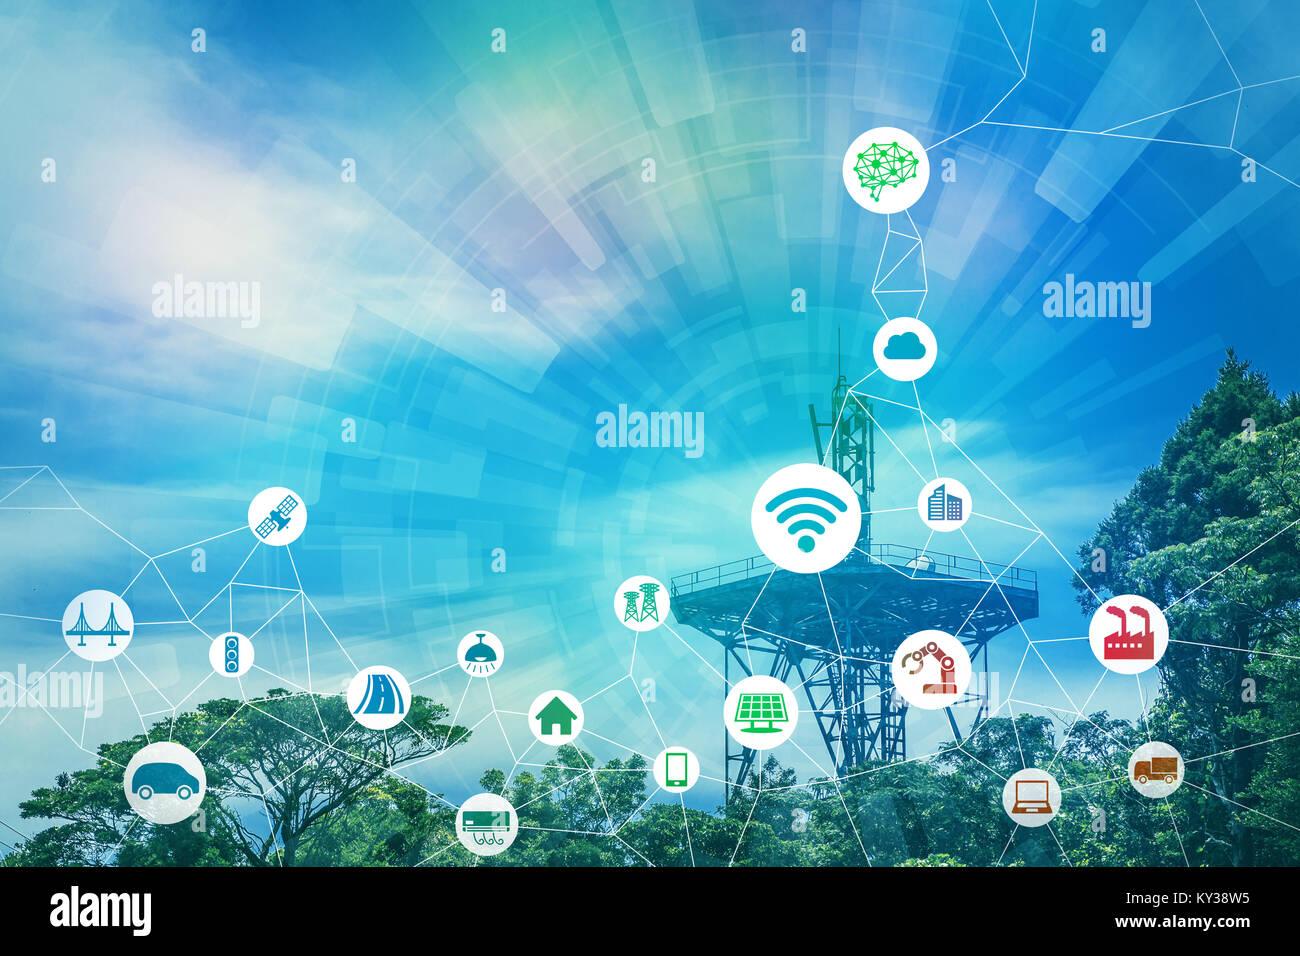 Red de comunicaciones inalámbricas y de diversos conceptos de la industria. Imagen De Stock